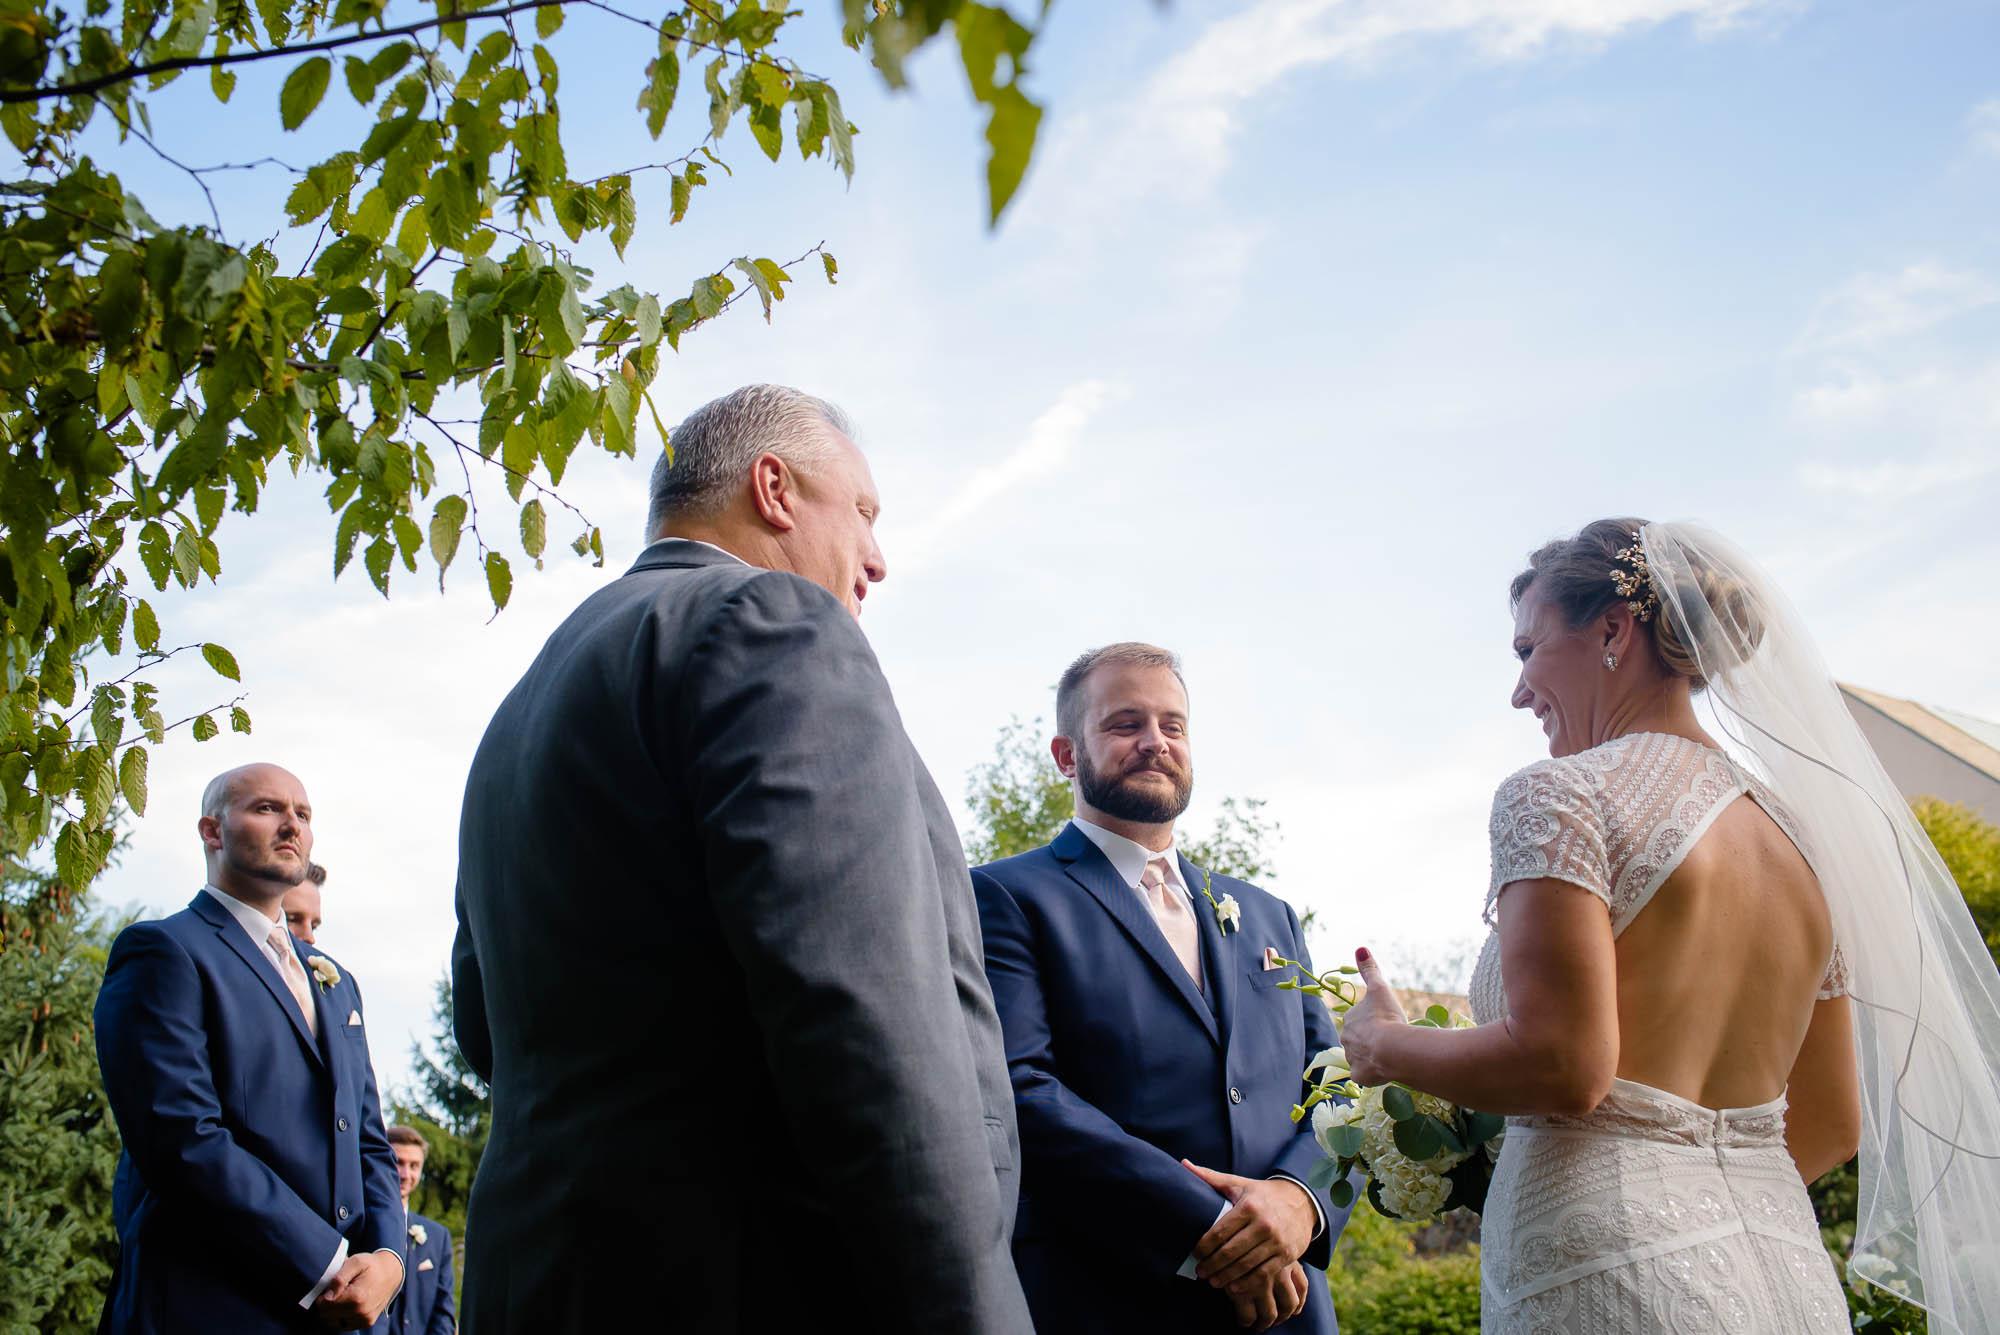 lauritzen-garden-omaha-liz-daniel-omaha-wedding-photographer-jm-studios-28028.jpg